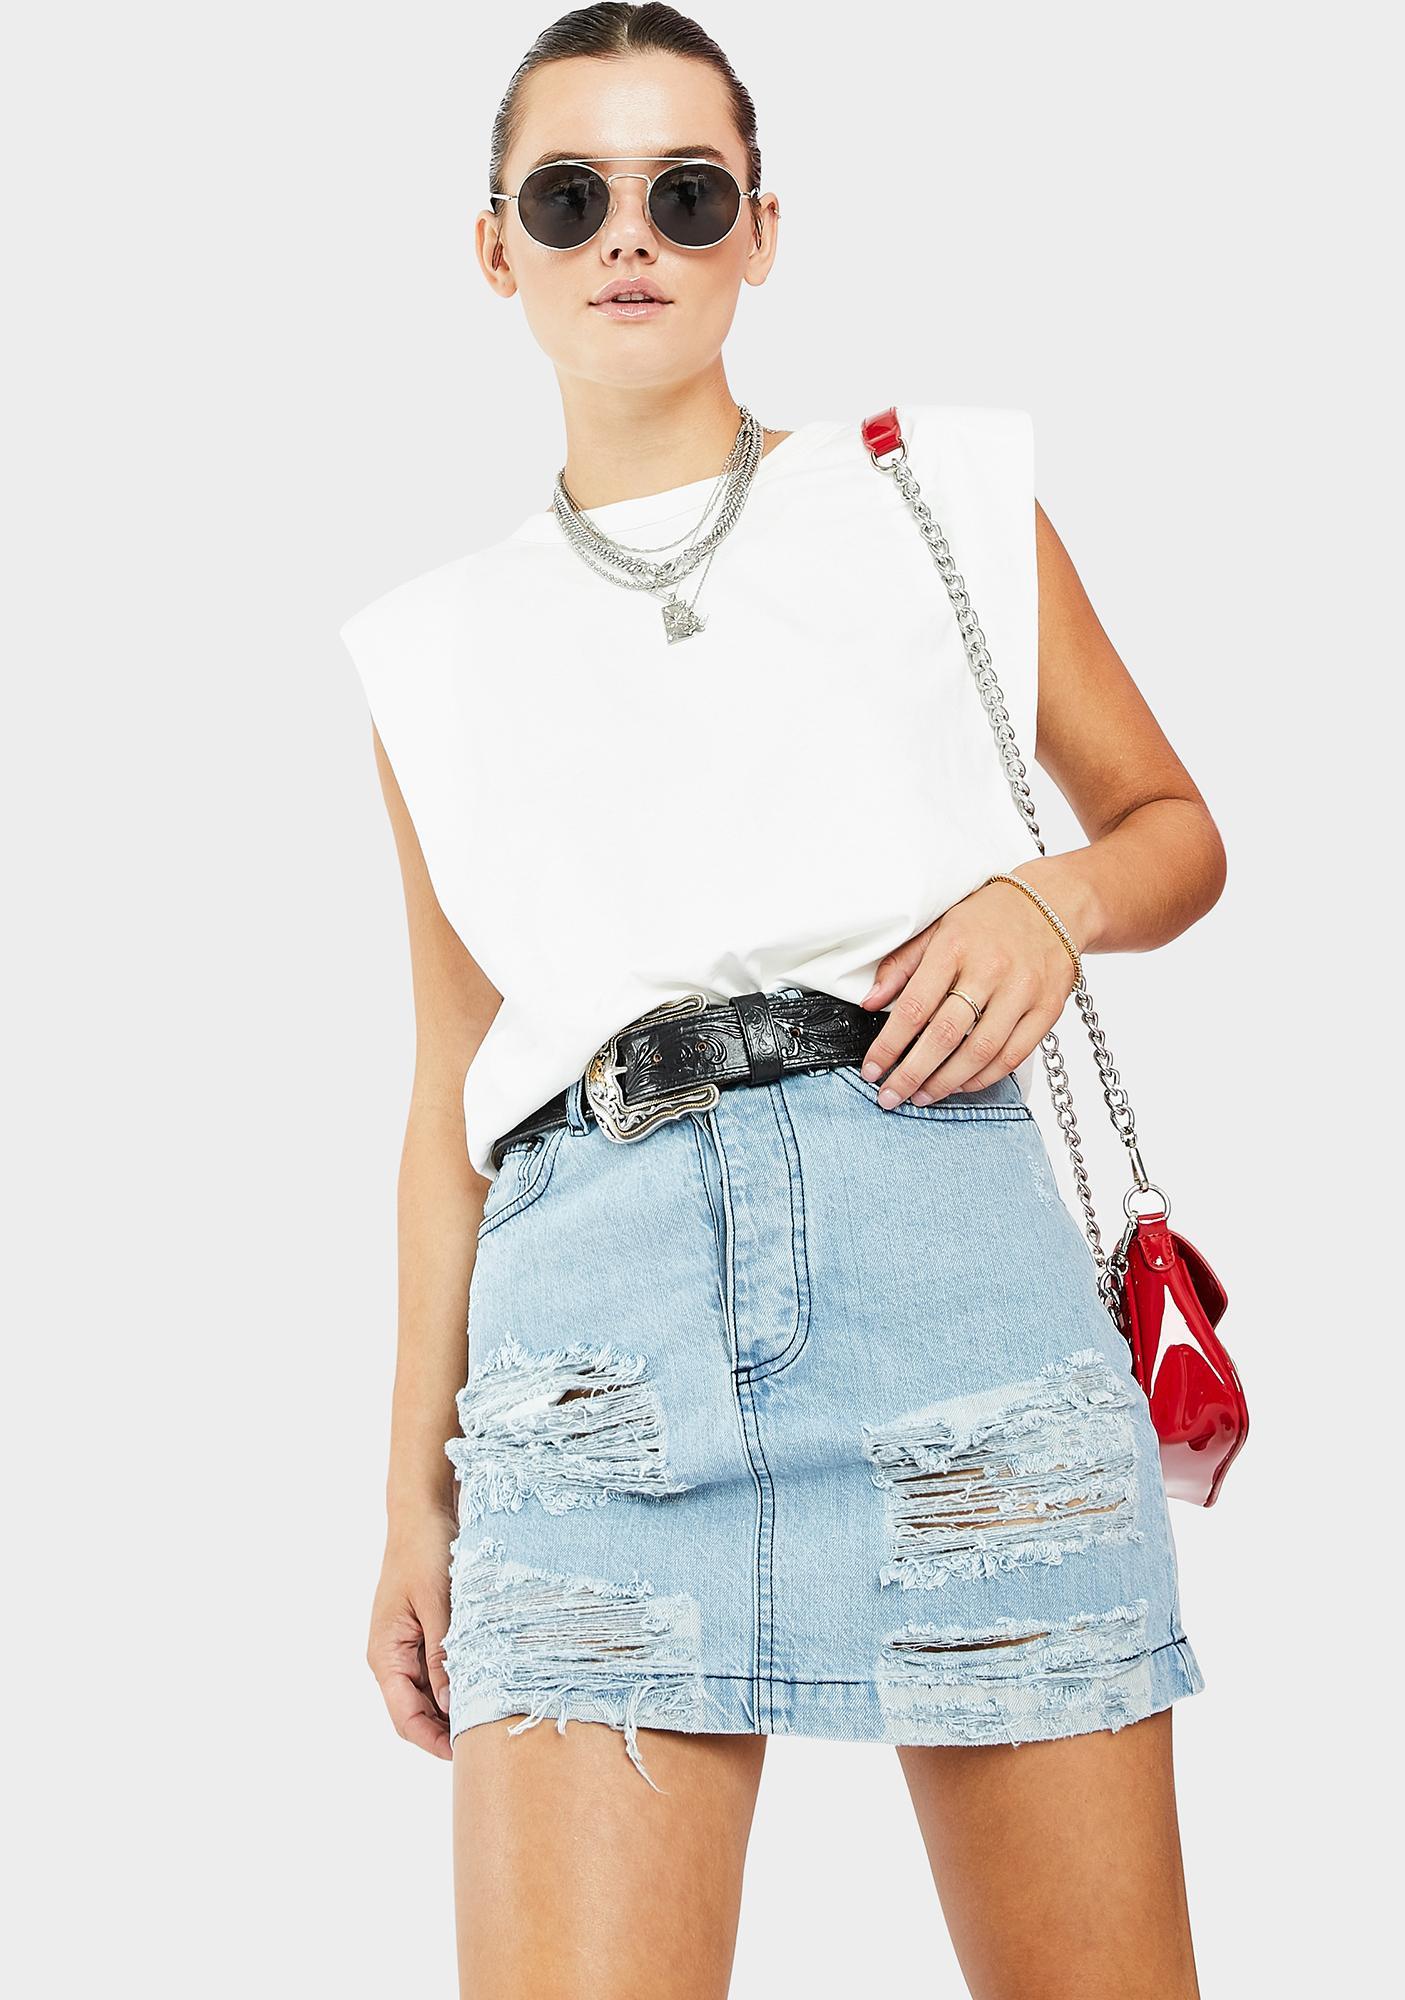 Kiki Riki Distressed Denim Mini Skirt